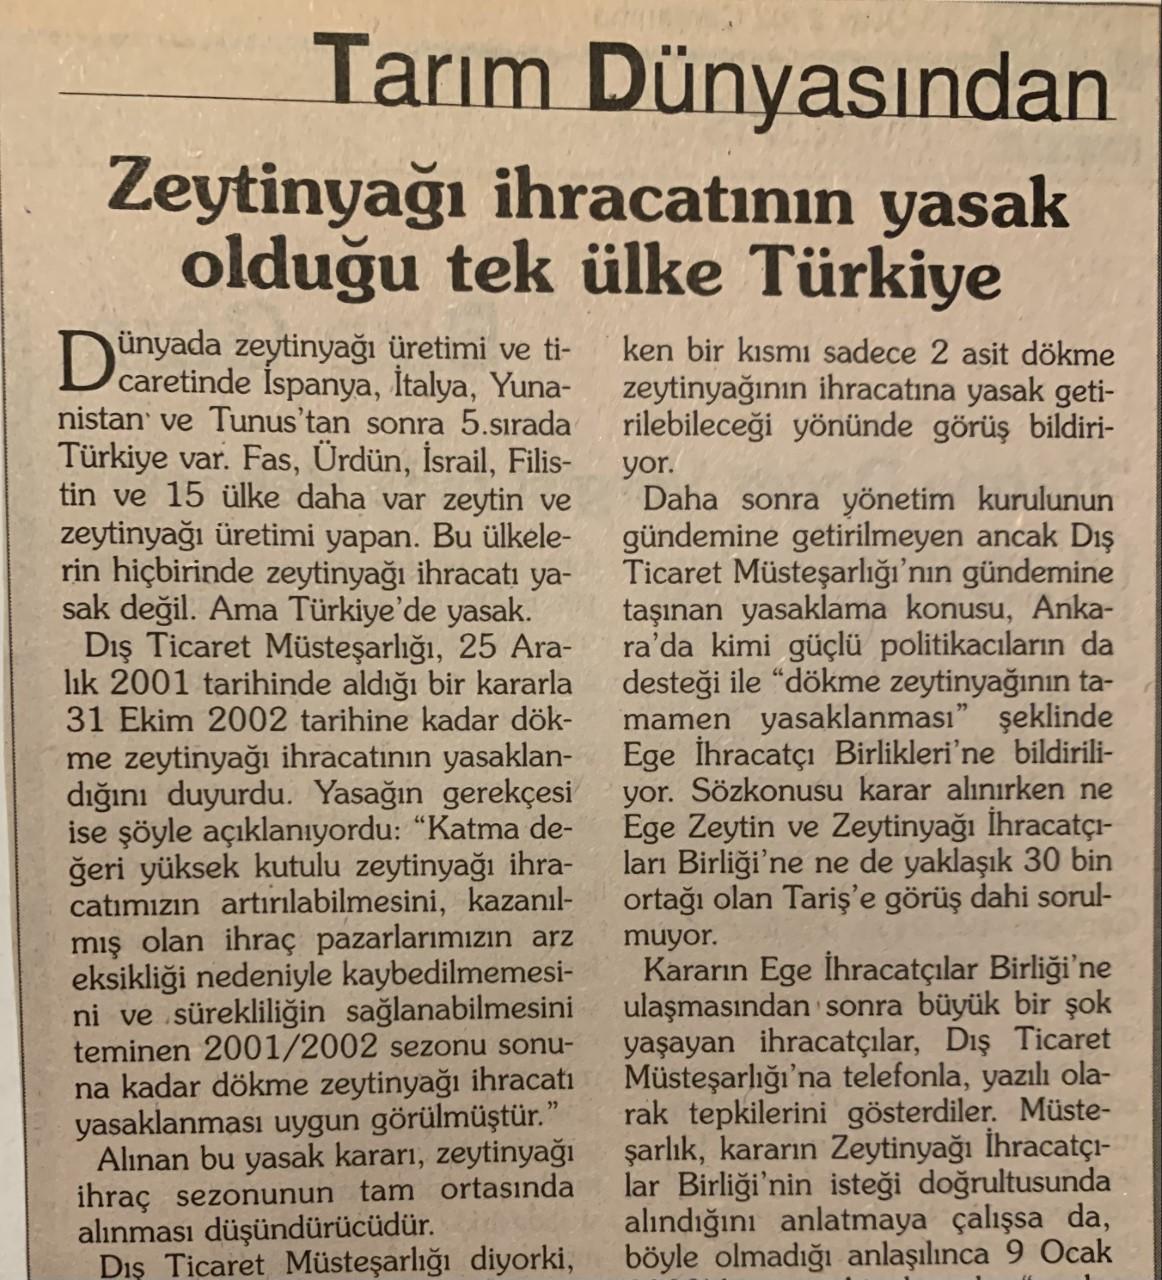 Zeytinyağı ihracatına 20 yıl sonra yasak geldi - Tarım Dünyasından - Ali  Ekber Yıldırım | GIDA, TARIM VE HAYVANCILIK PLATFORMU